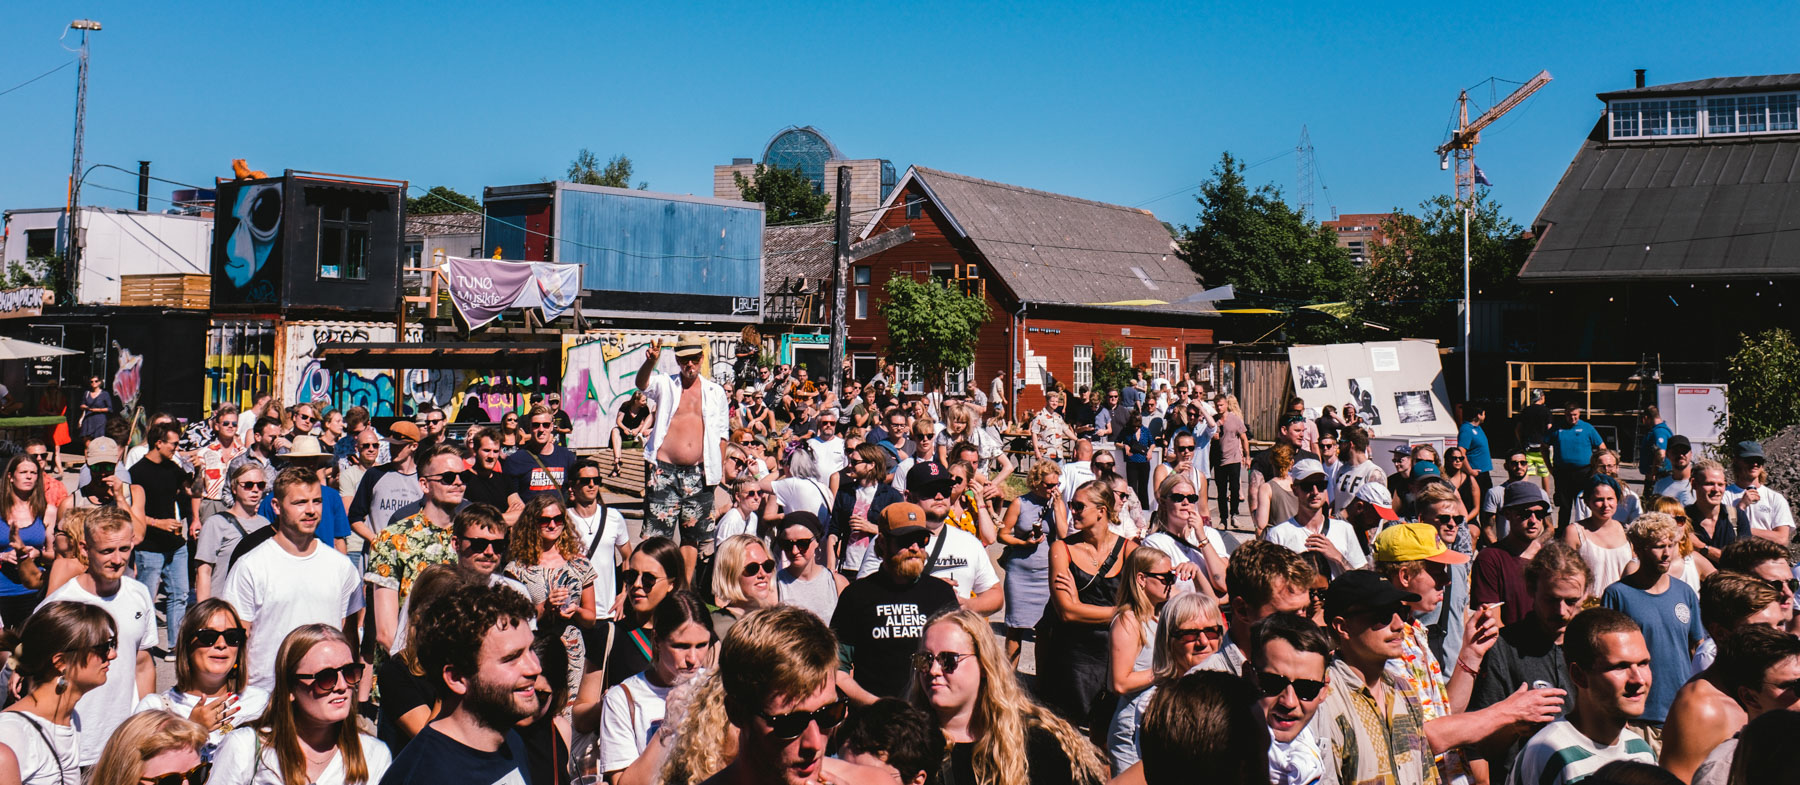 Gadefestival under Ringgadebroen: Offentliggørelse af Aarhus Volume Under Gaden 2019